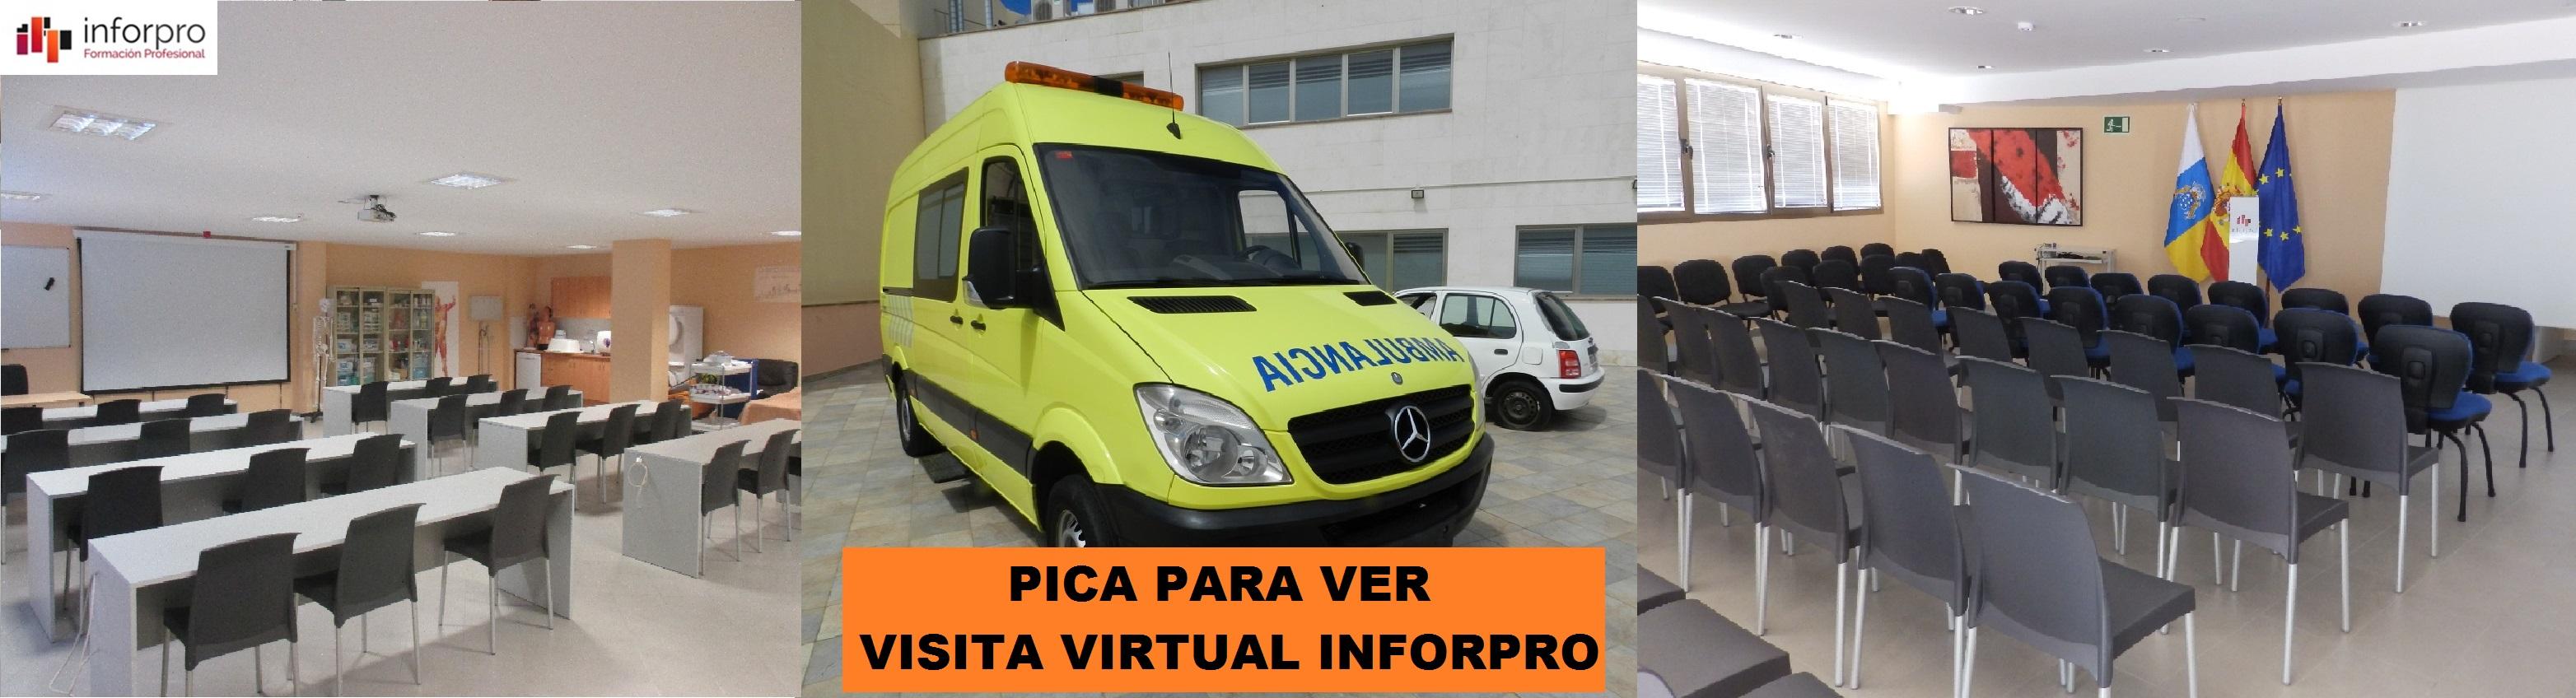 Slider_visita_virtual_inforpro_